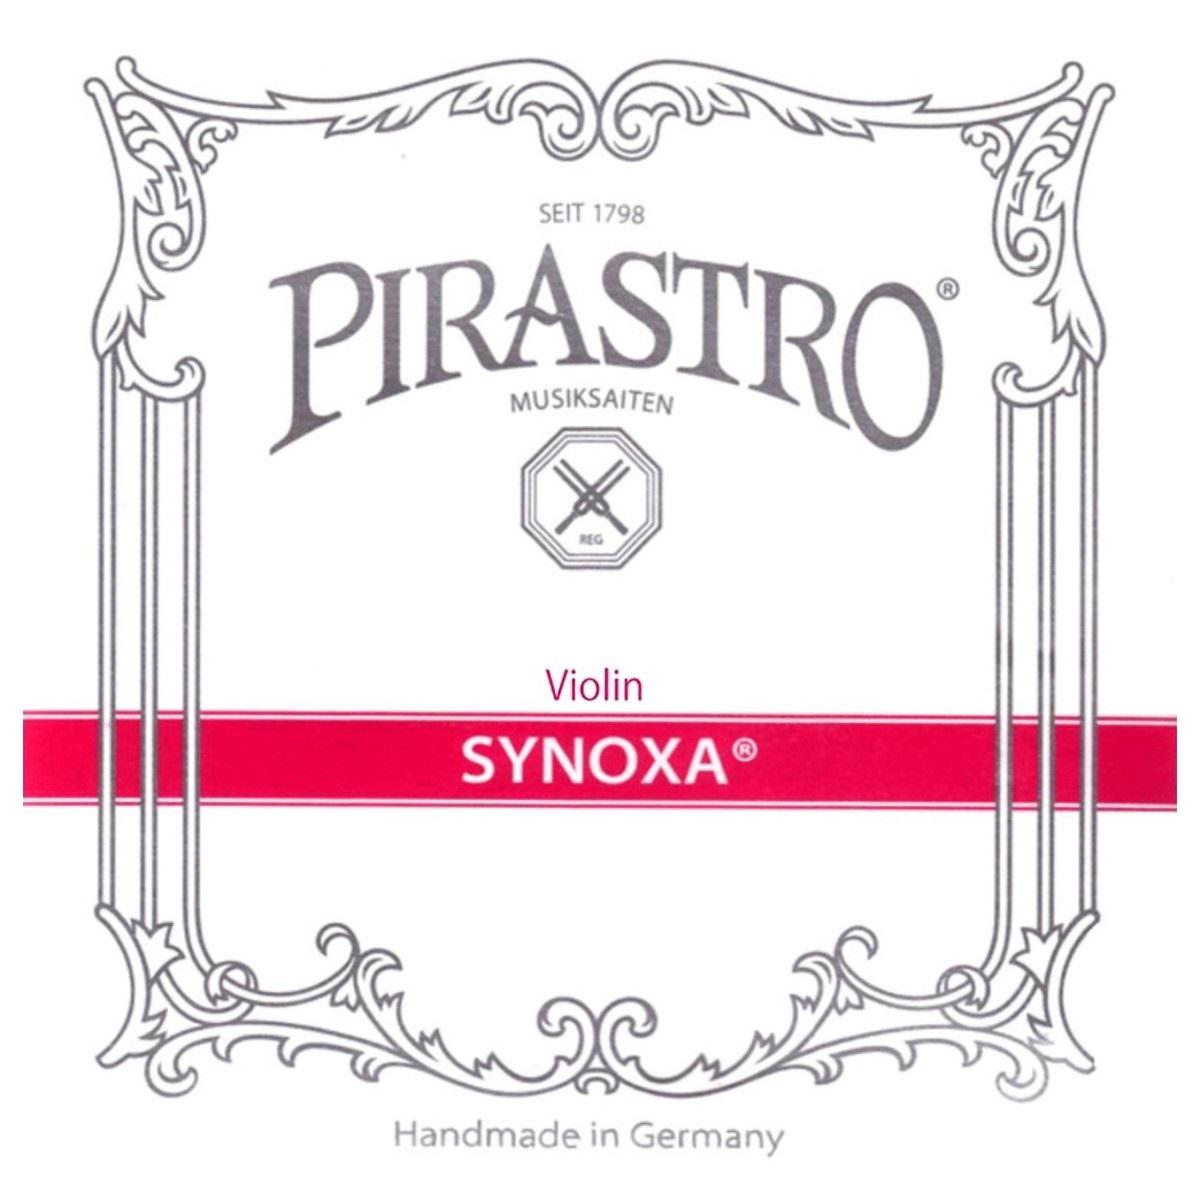 Pirastro Synoxa Vln Set E-ball medium